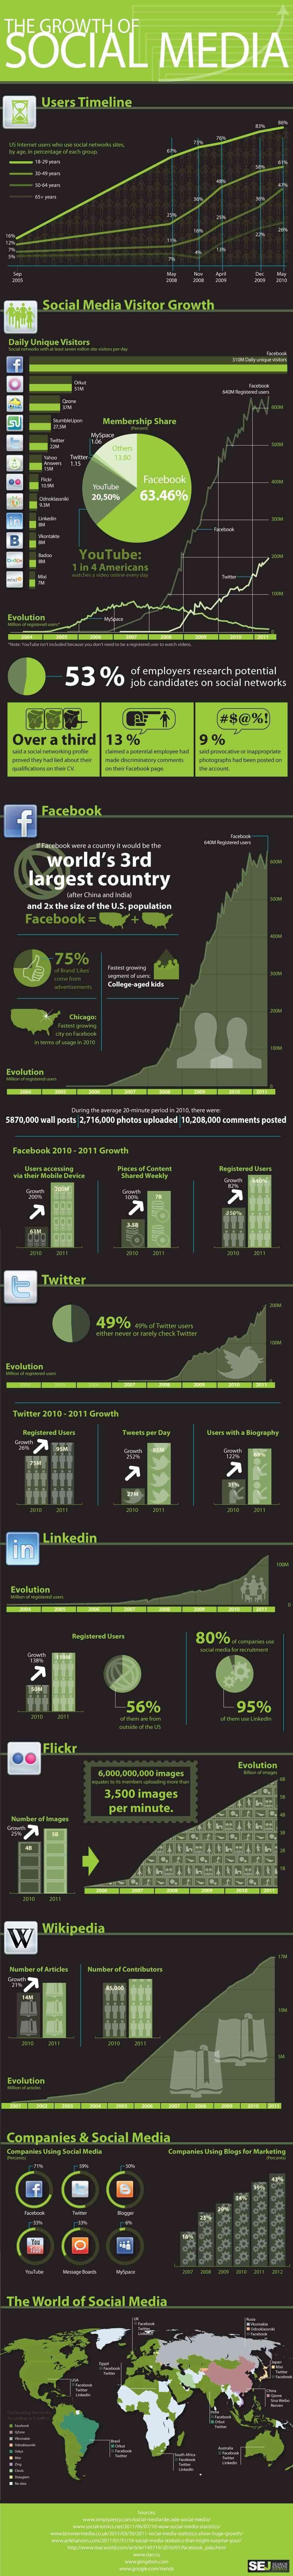 el crecimiento del social media